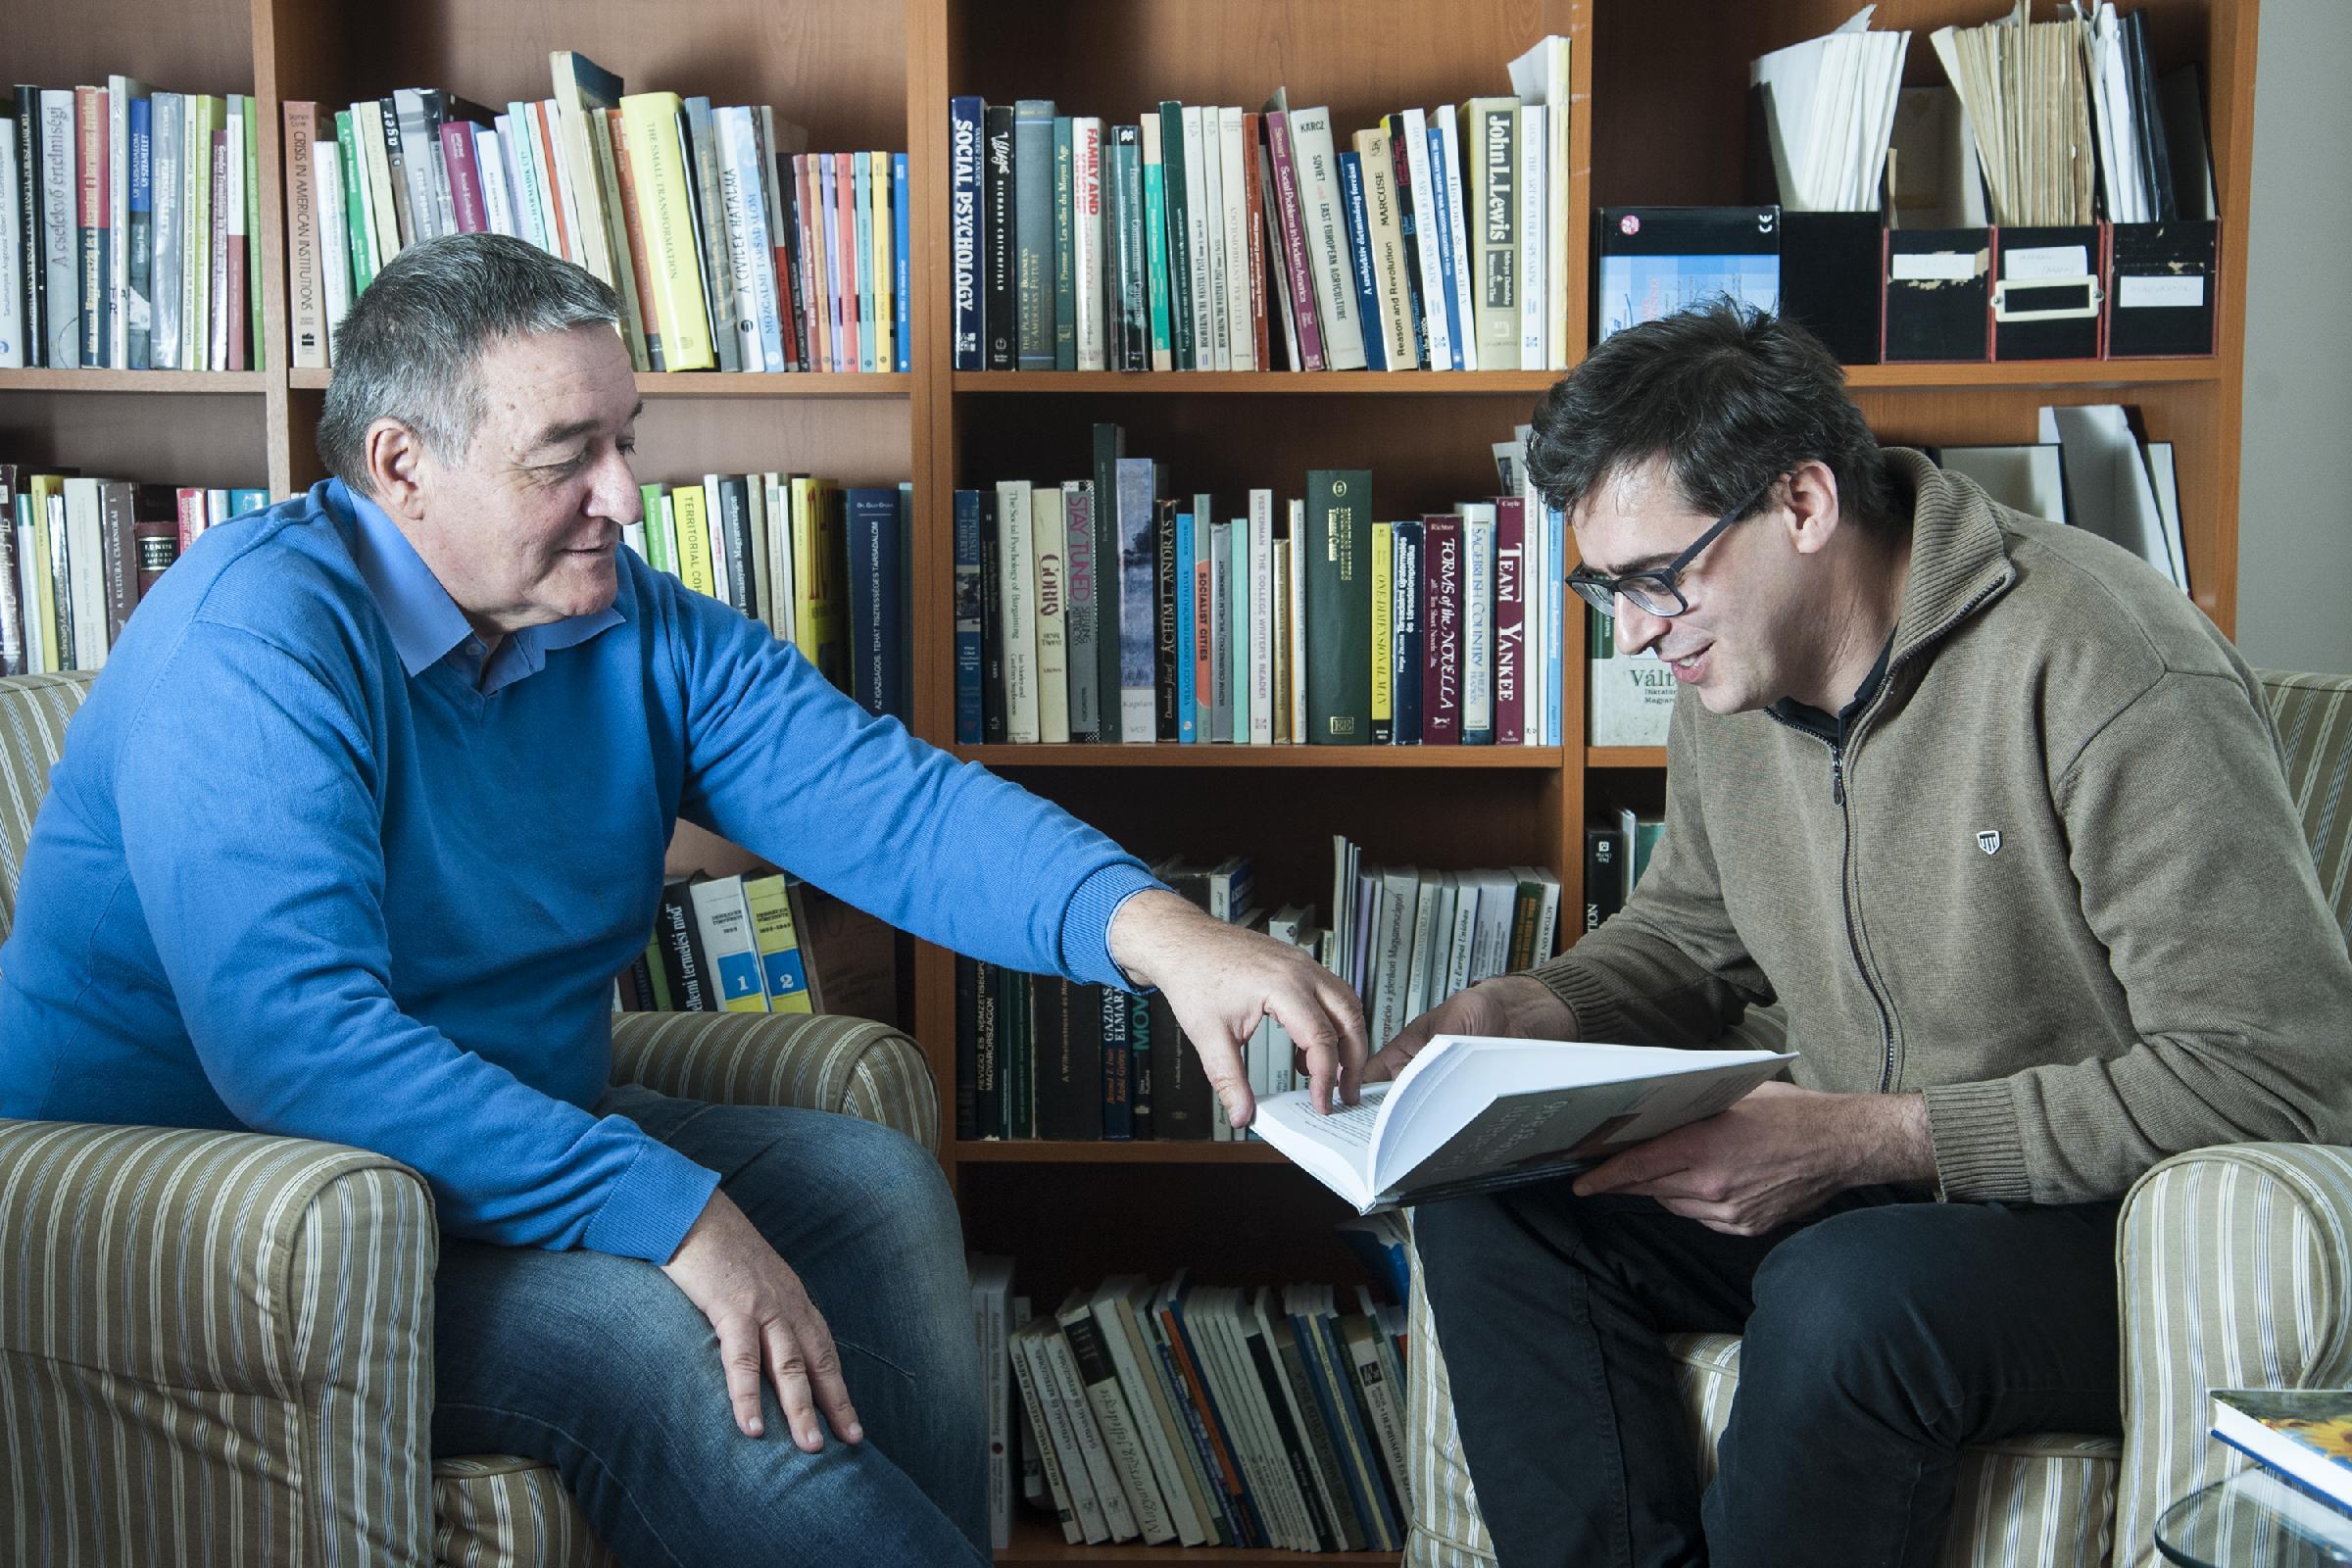 Szakmai megbeszélés kutatók között: Kovách Imre tudományos tanácsadó (MTA TK SZI), az MTA doktora, kutatási területe a vidék- és településszociológia, a társadalmi rétegződés és integráció, a fejlesztés- és projektszociológia. Jelenleg futó projektje a Mo